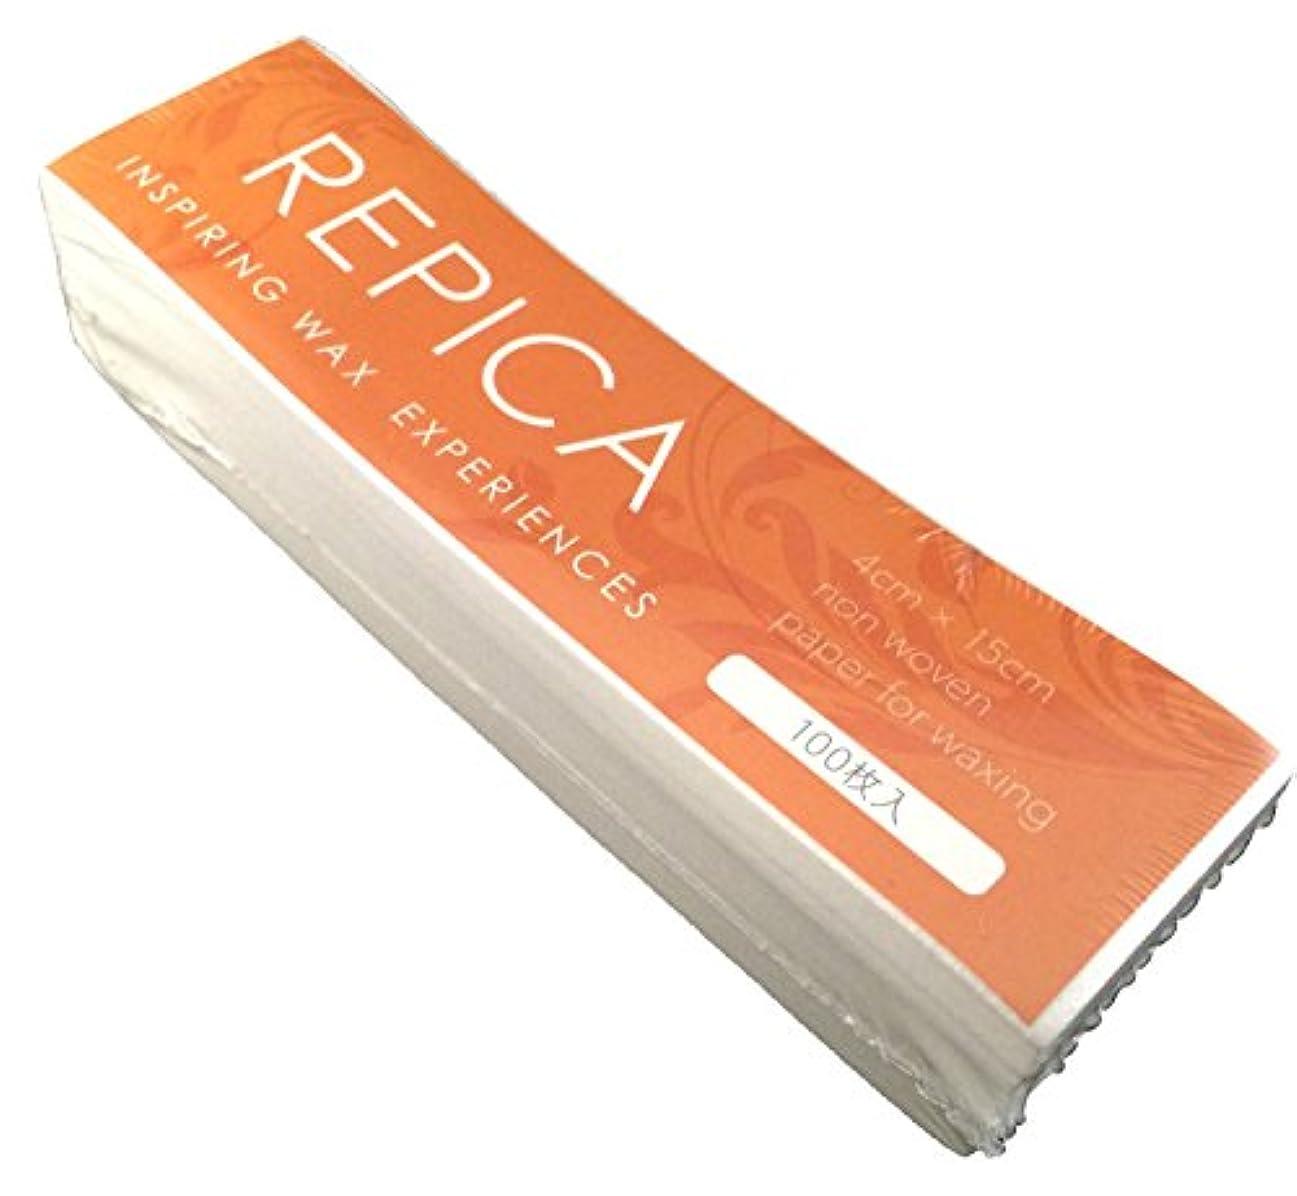 REPICA ブラジリアンワックス脱毛 カットペーパー Sサイズ100枚入り×5個セット ワックス脱毛 ワックスシート ストリップシート